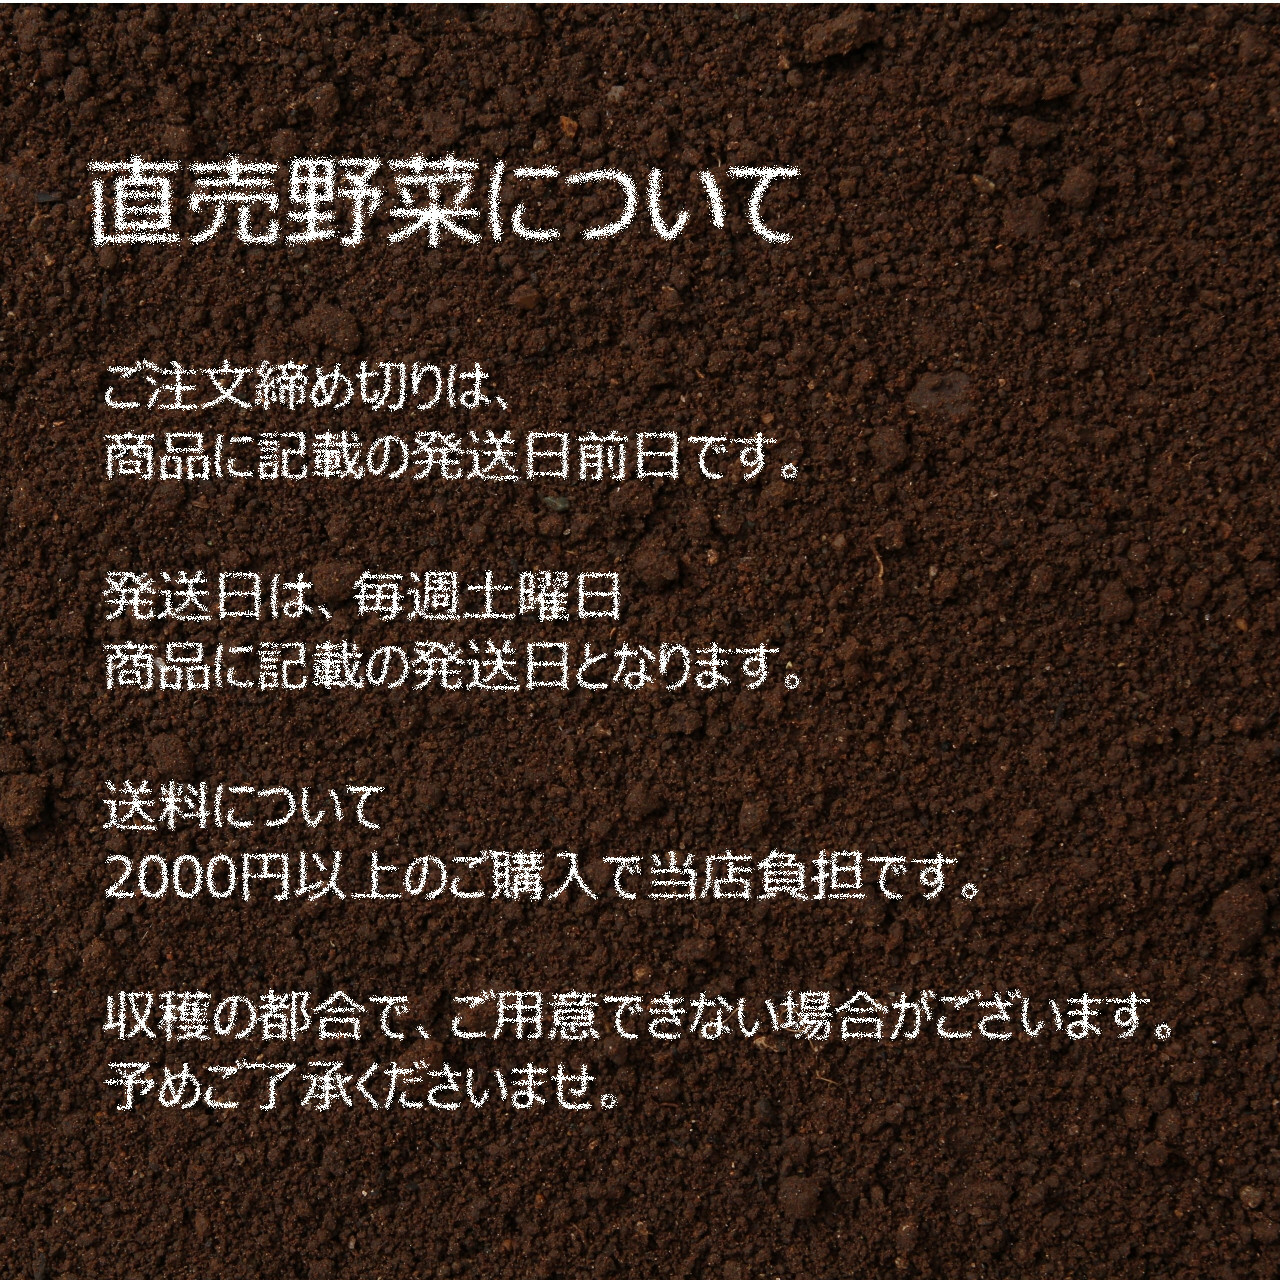 新鮮な夏野菜 : ピーマン 約250g 8月の朝採り直売野菜 8月31日発送予定